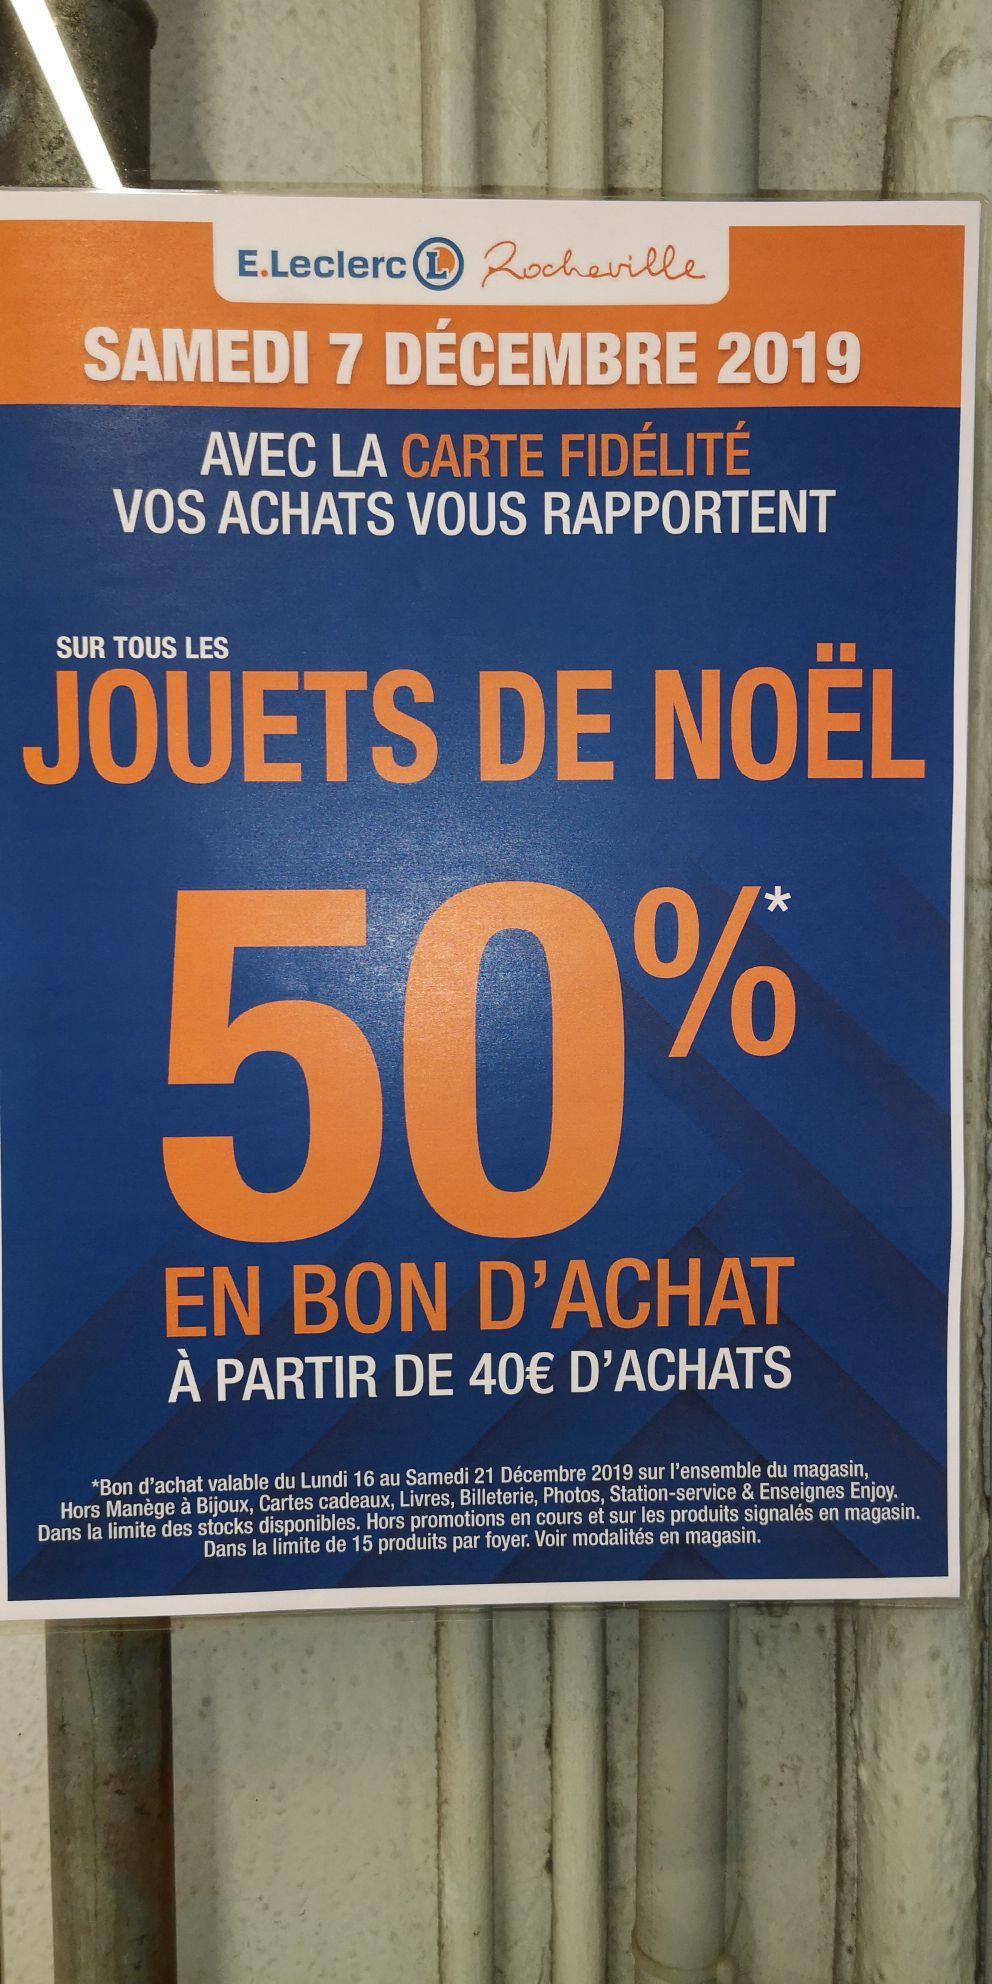 50% de réduction crédité en bon d'achat dès 40€ d'achat sur les jouets - Le Cannet (06)